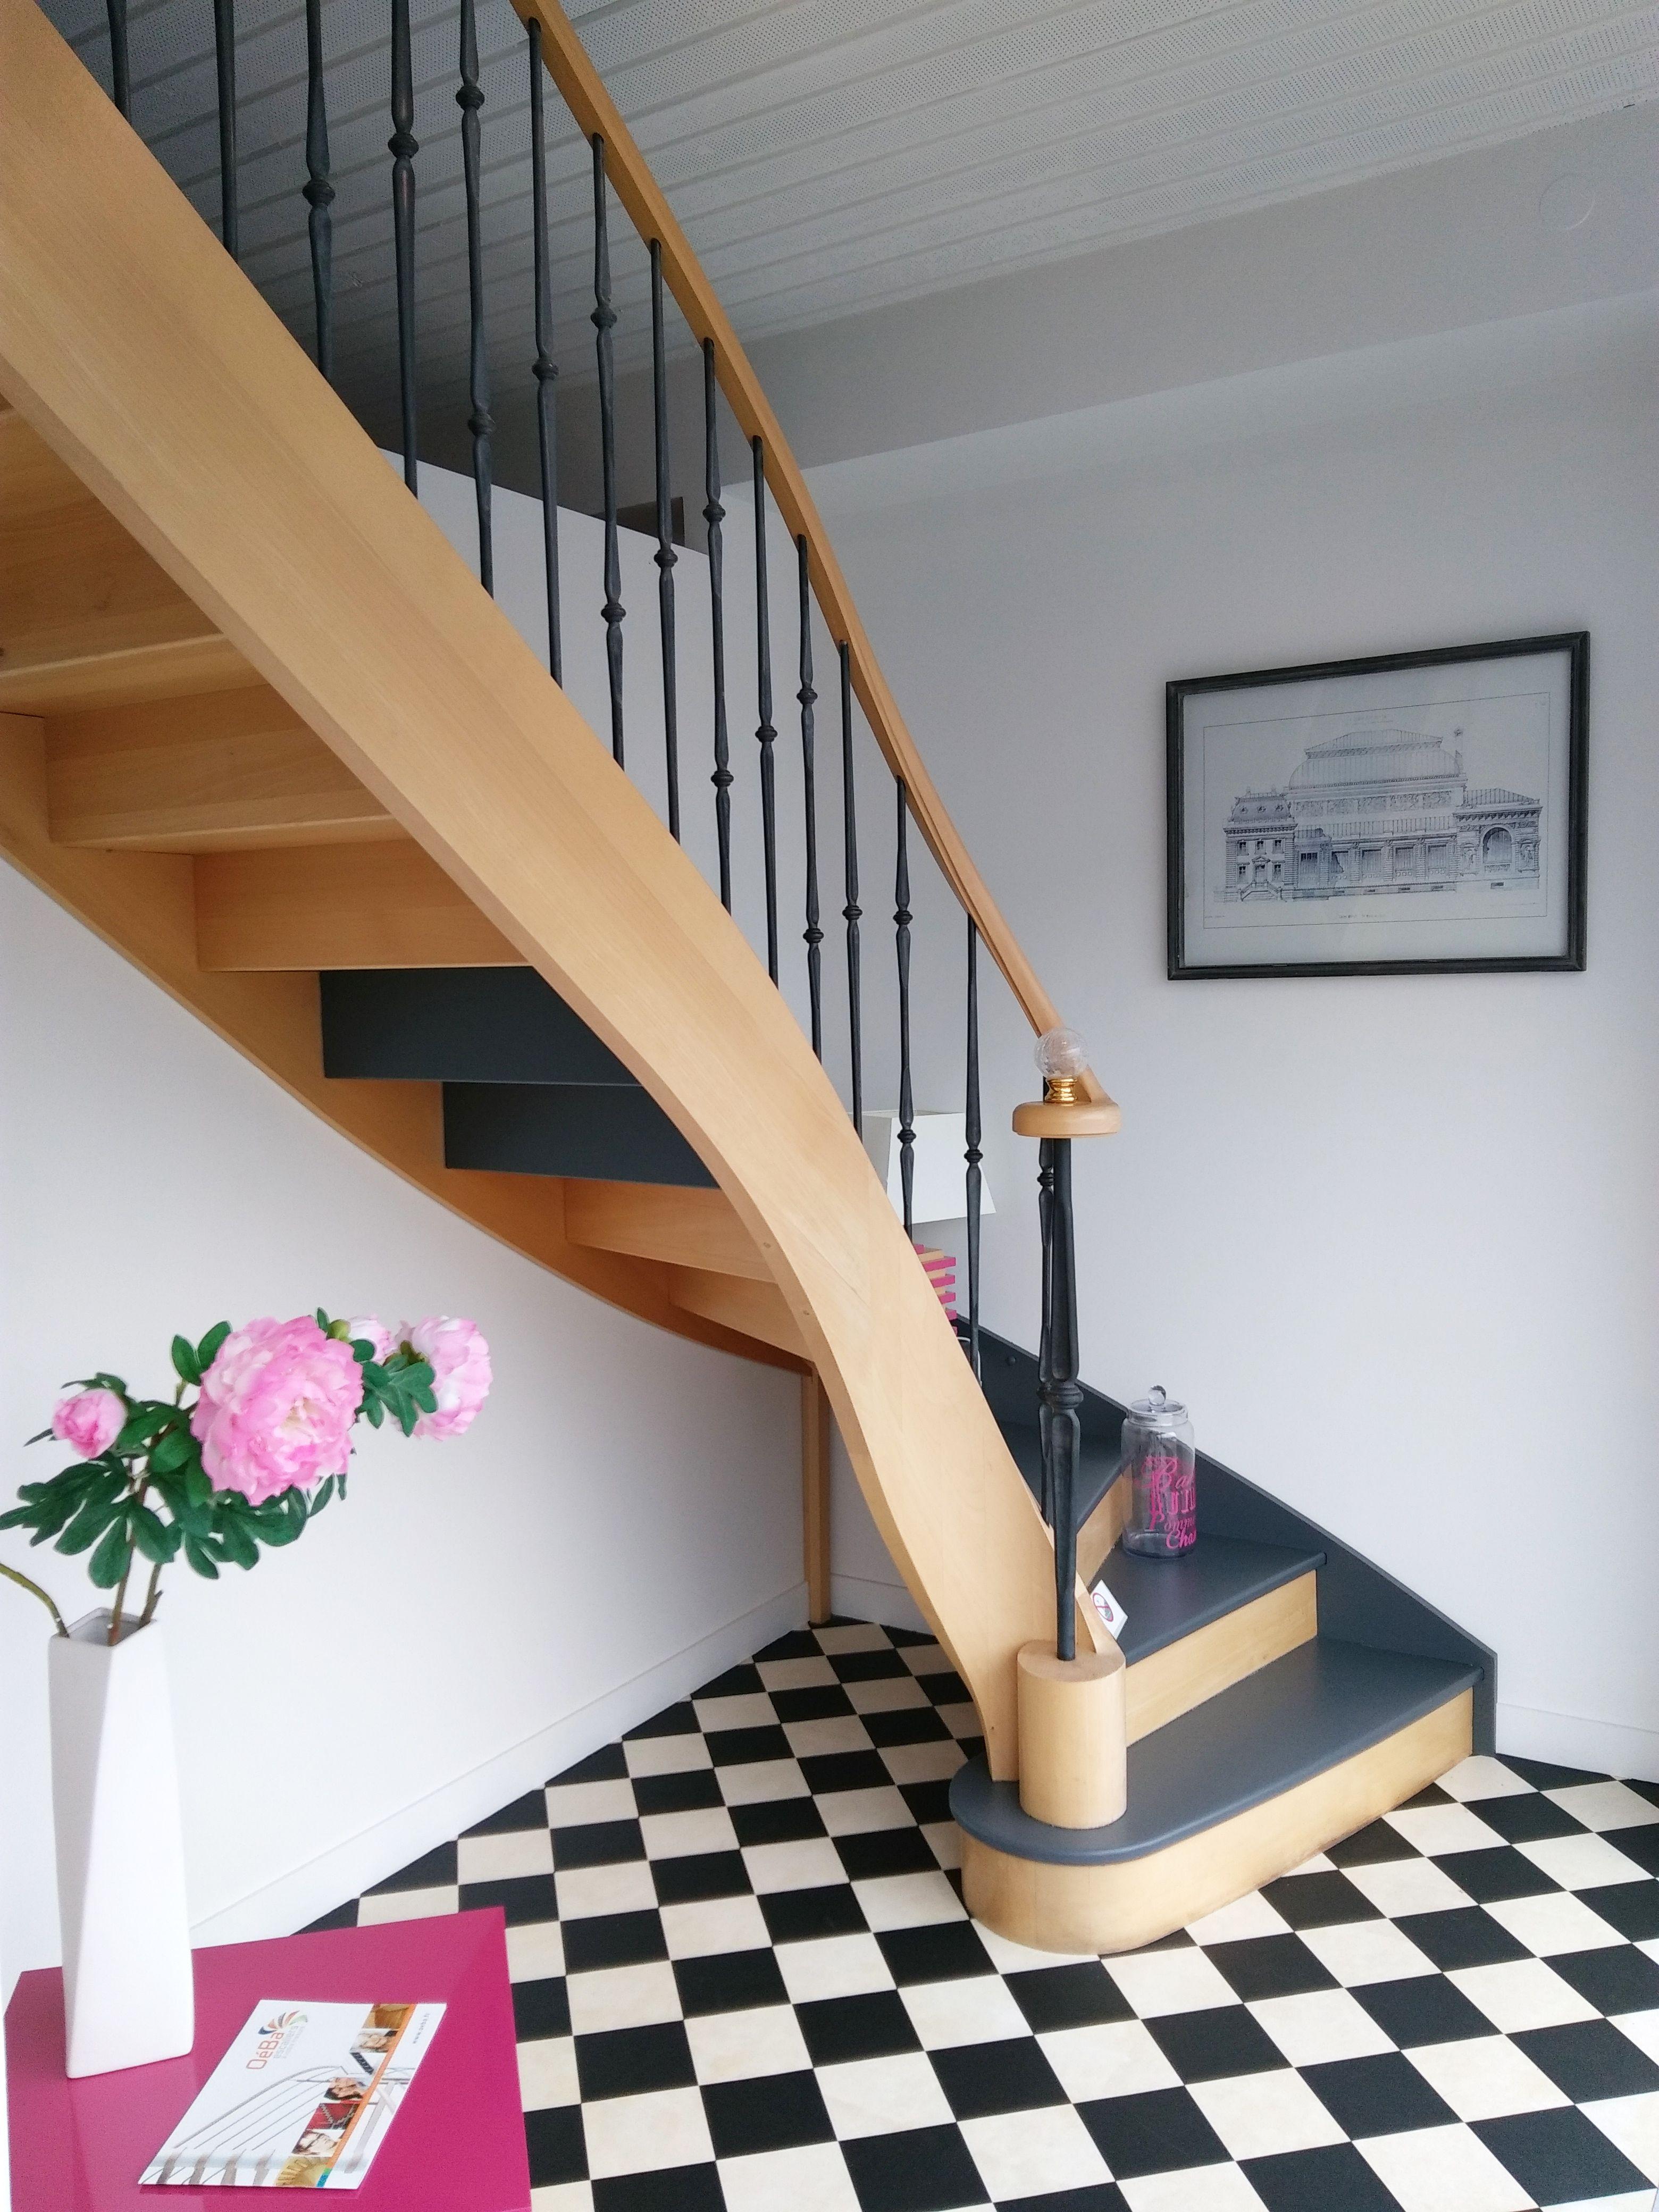 Escalier en chêne classique et chic en bois débillardé peint en gris ...